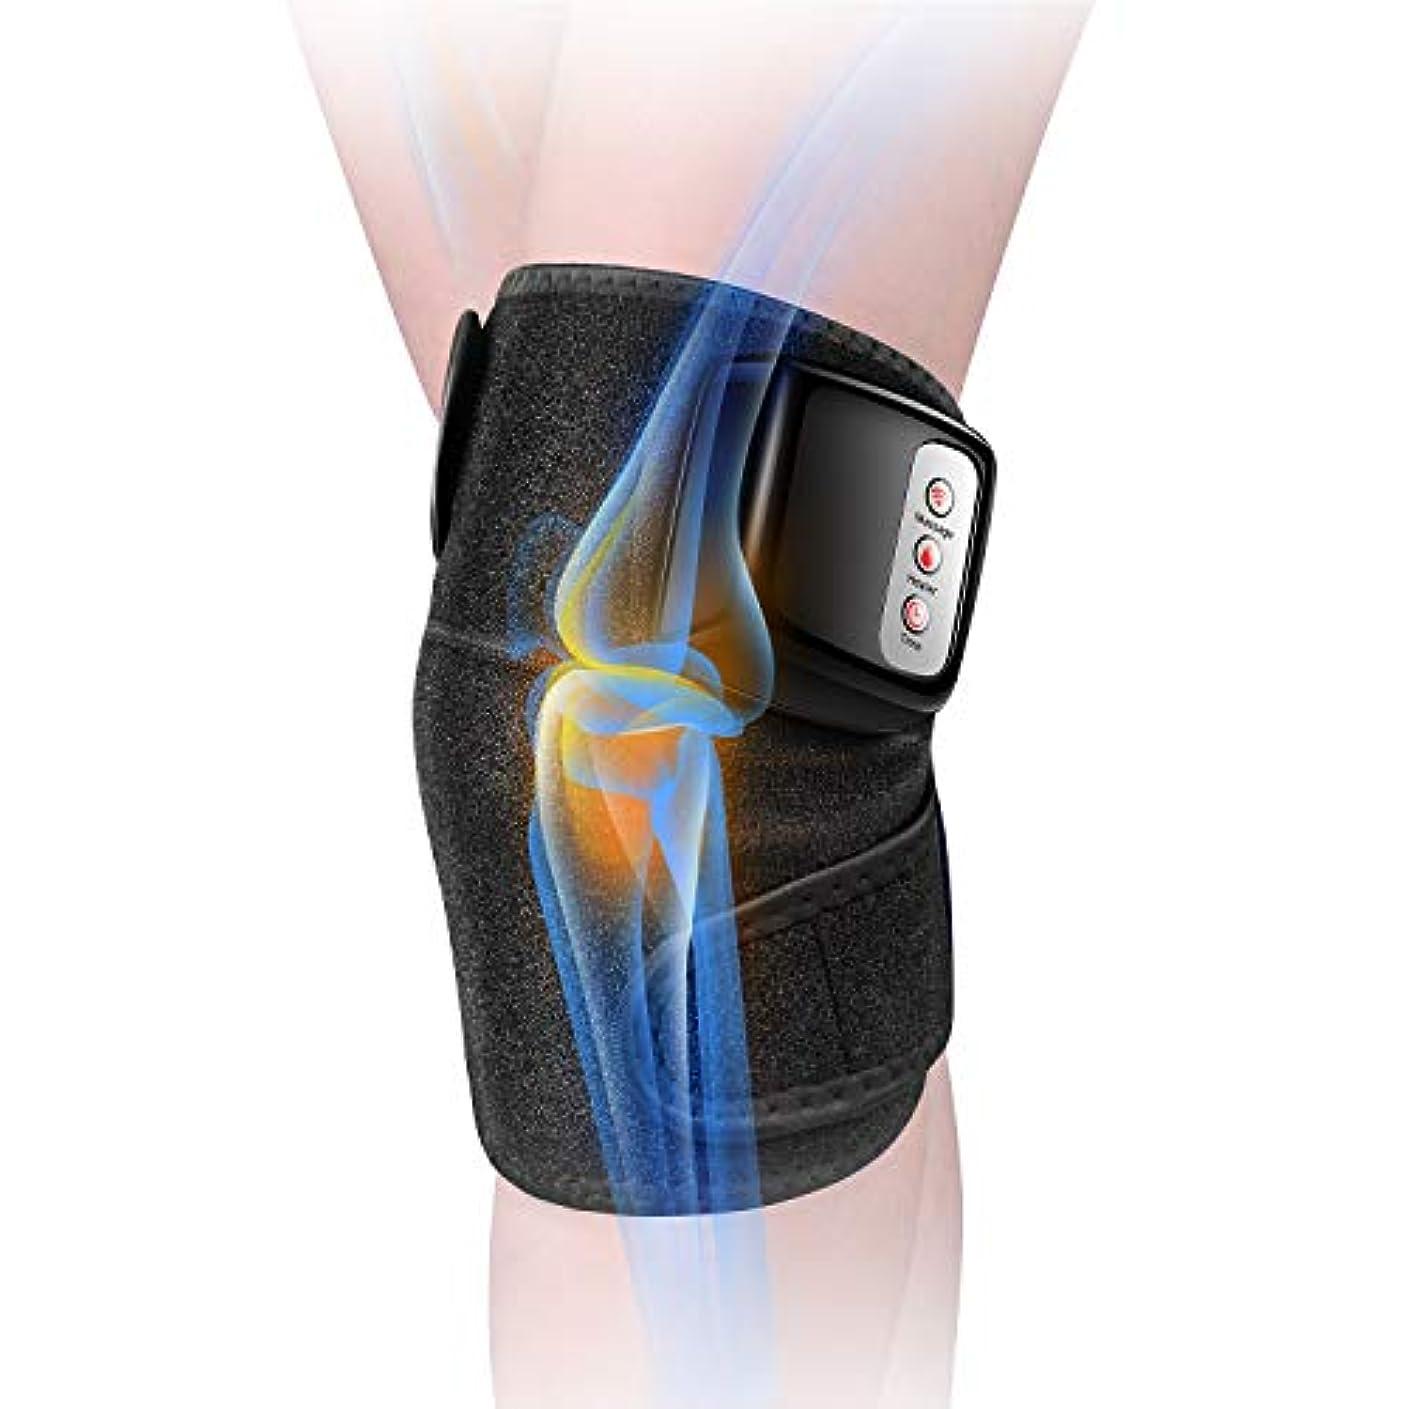 白雪姫アコードフォーラム膝マッサージャー 関節マッサージャー マッサージ器 フットマッサージャー 振動 赤外線療法 温熱療法 膝サポーター ストレス解消 肩 太もも/腕対応